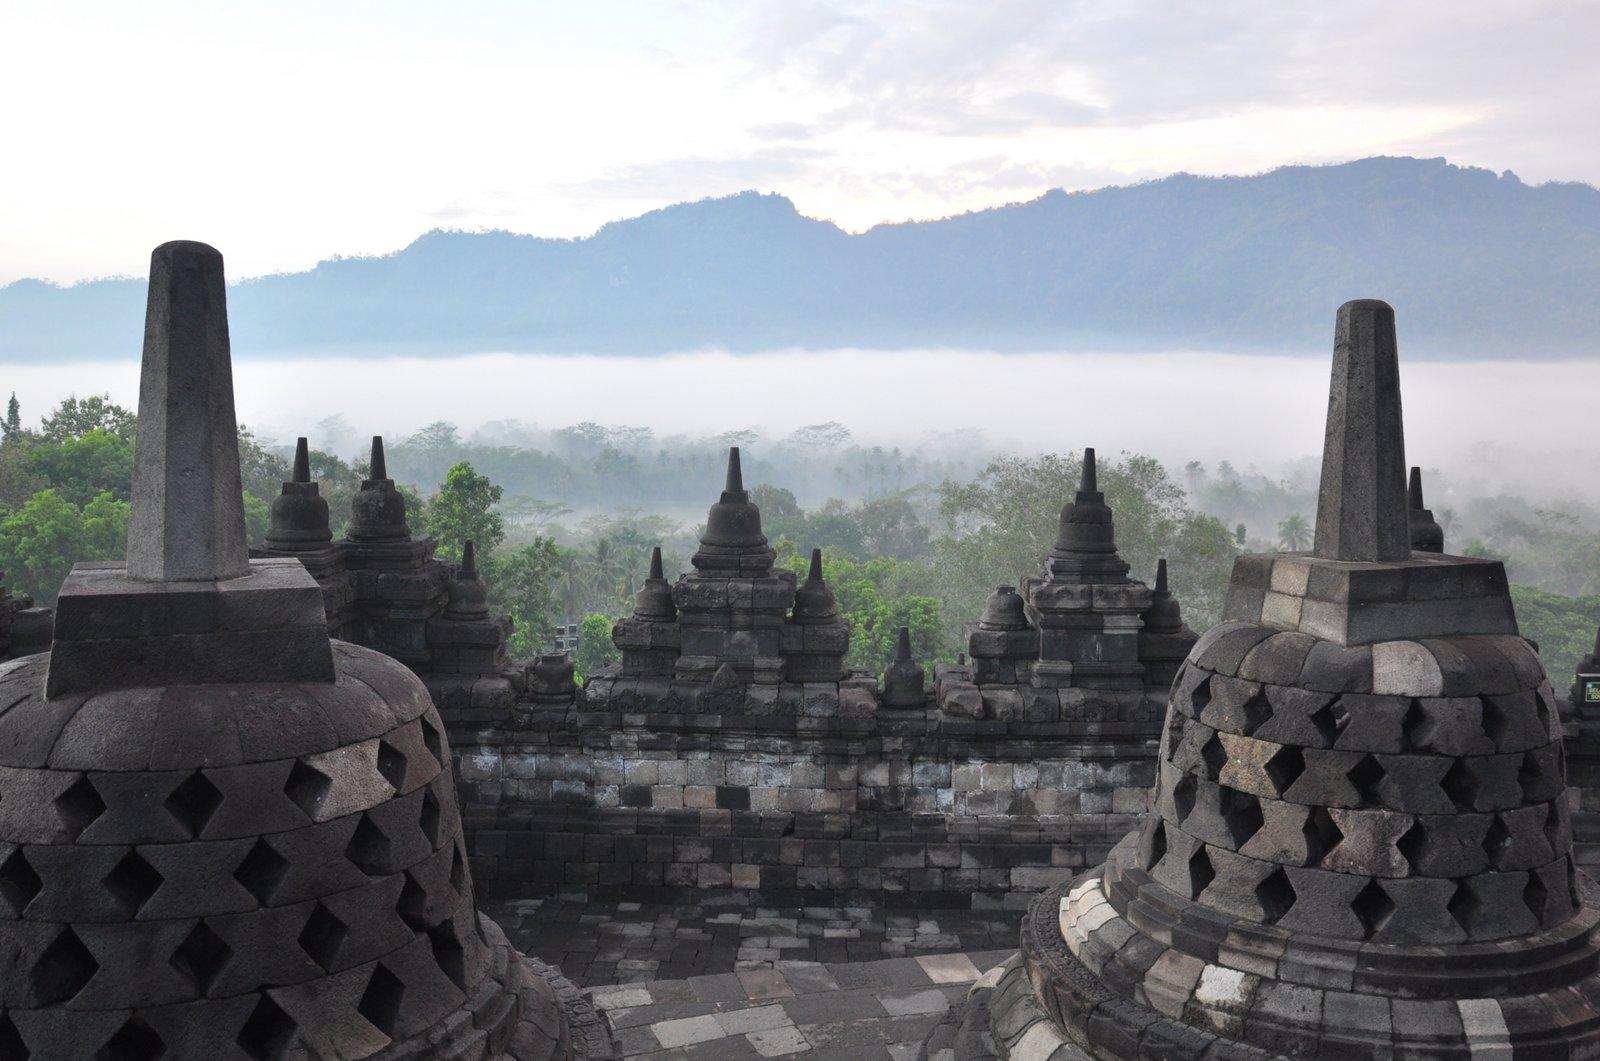 Le temple de Borobudur aux premières lueurs du jour avec la jungle qui émerge de la brume